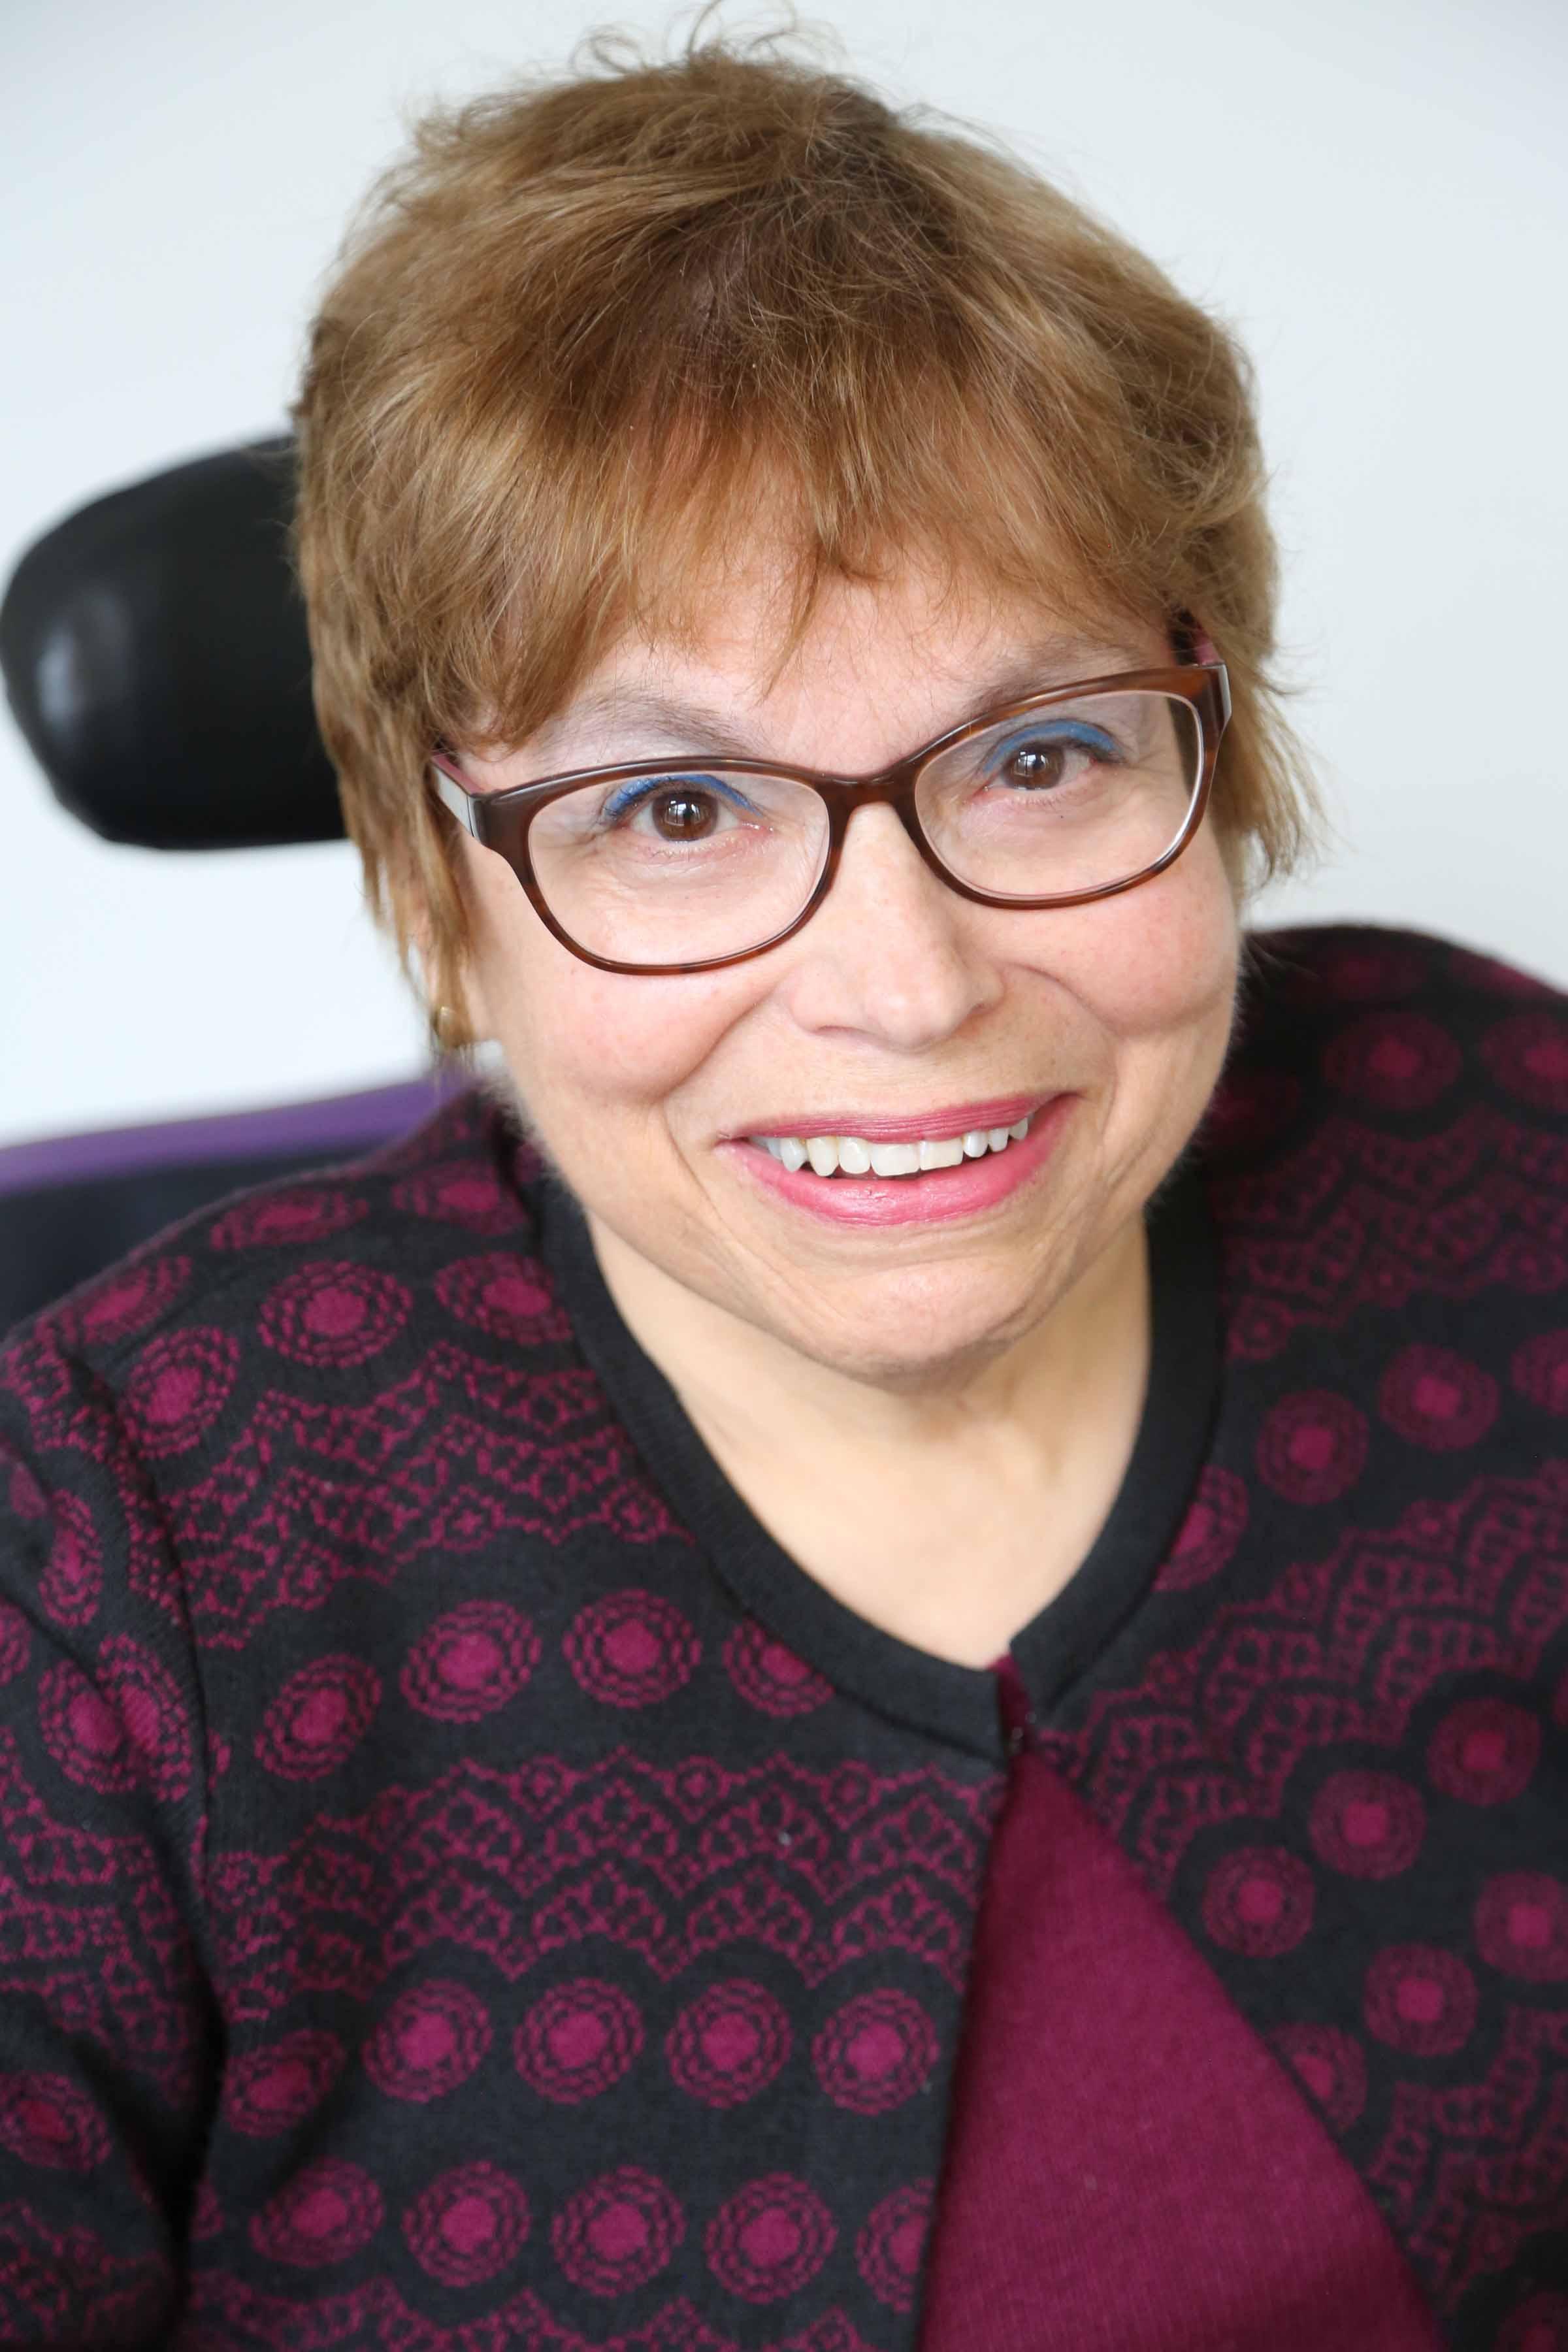 Judy Heumann keynote for OCALICONLINE 2021